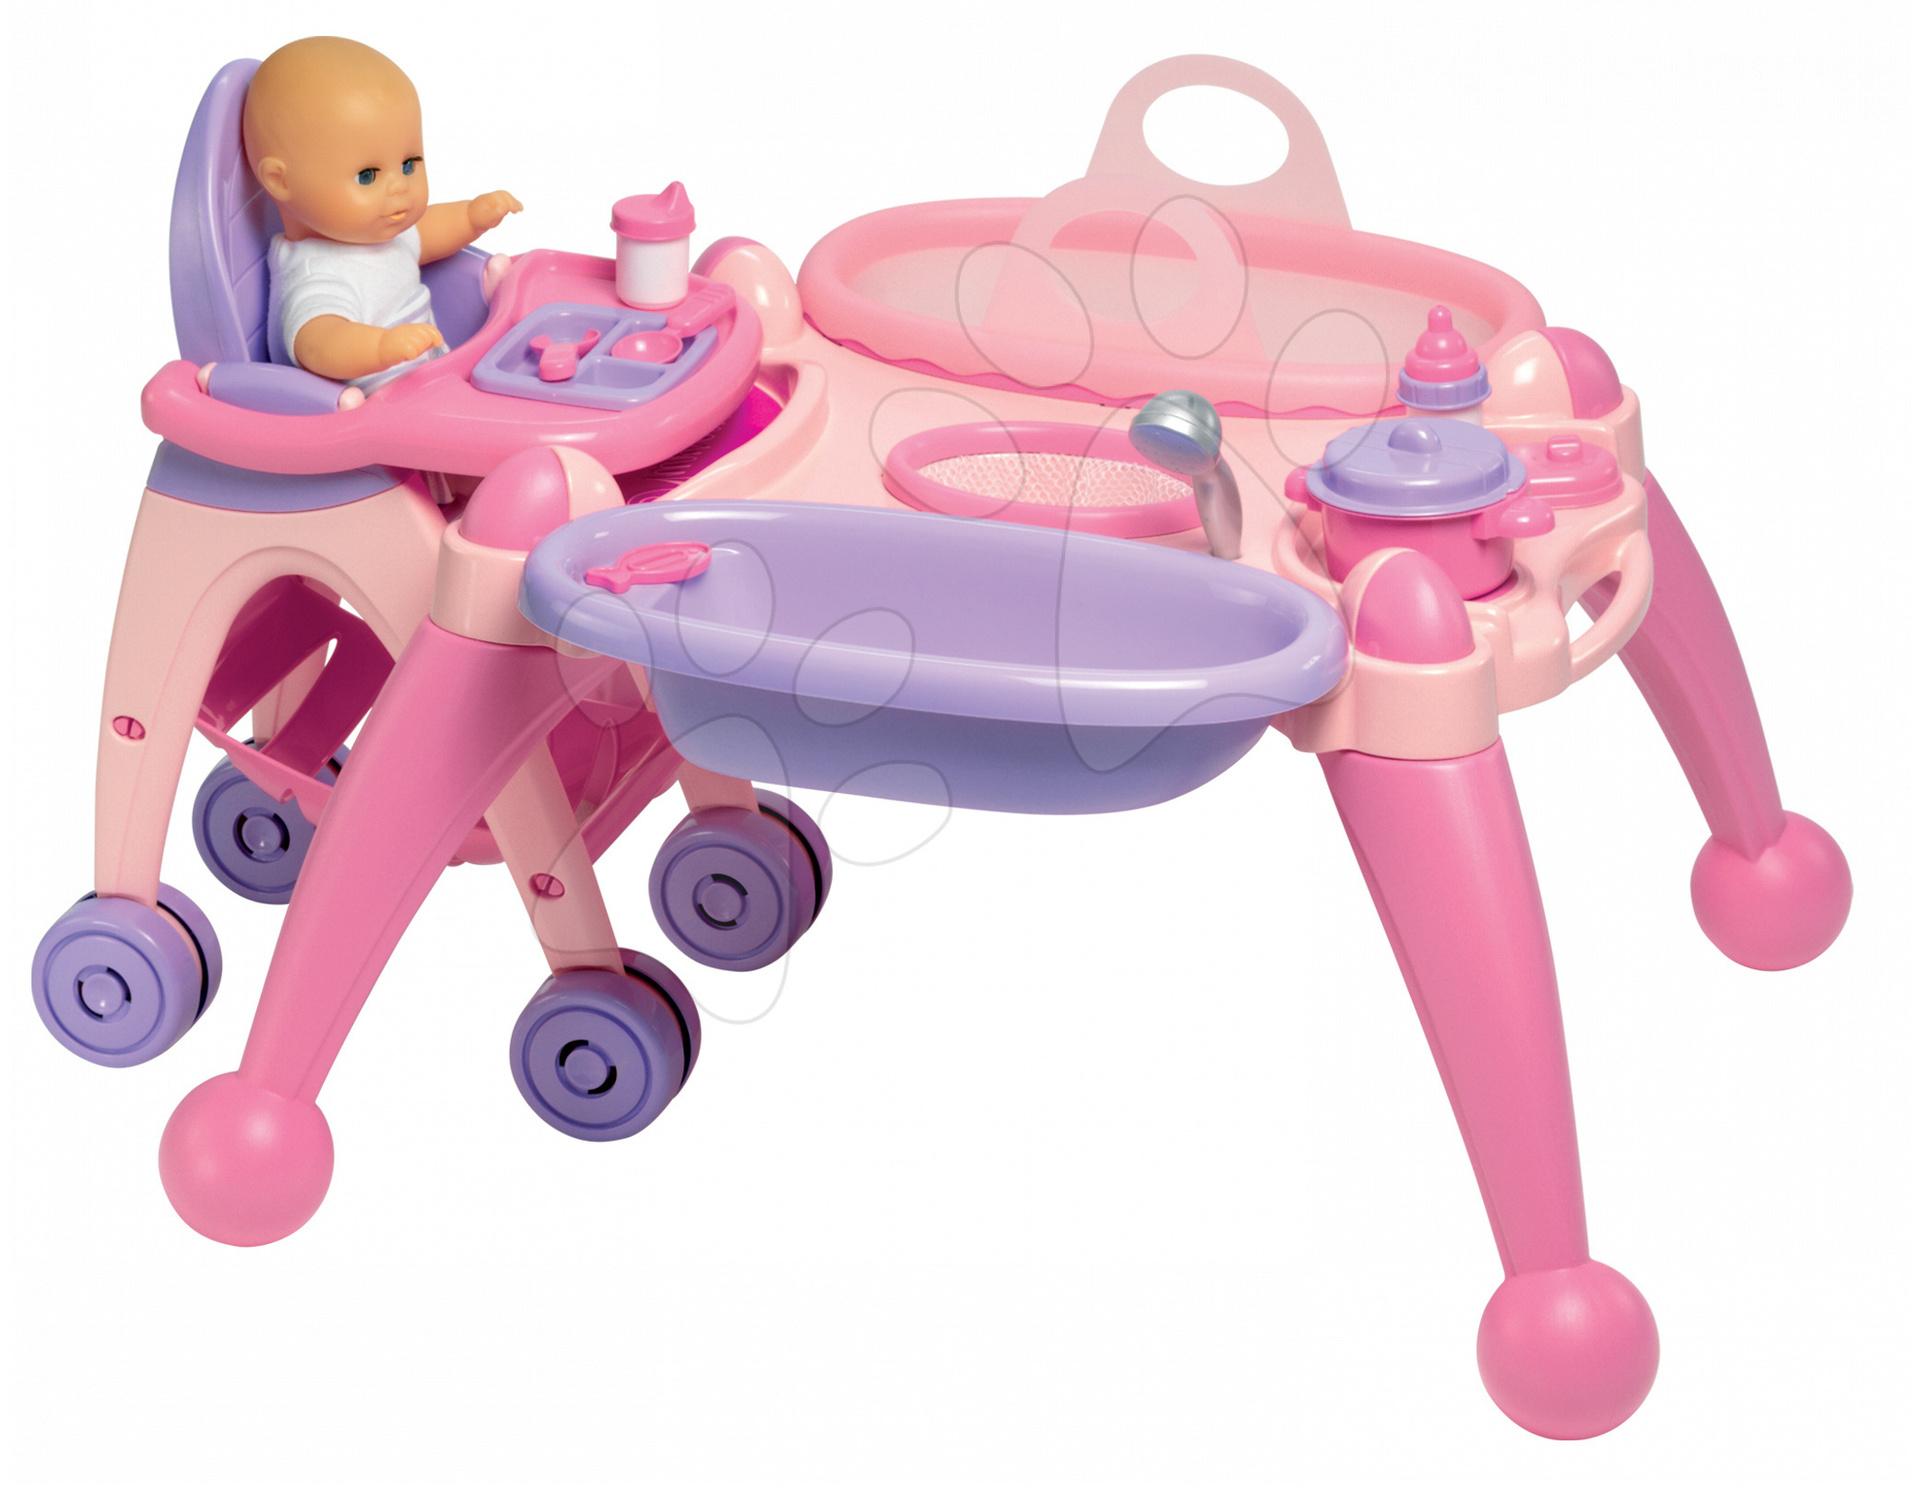 Prebaľovací stolík pre bábiku Écoiffier so stoličkou, bábikou a 13 doplnkami od 18 mes